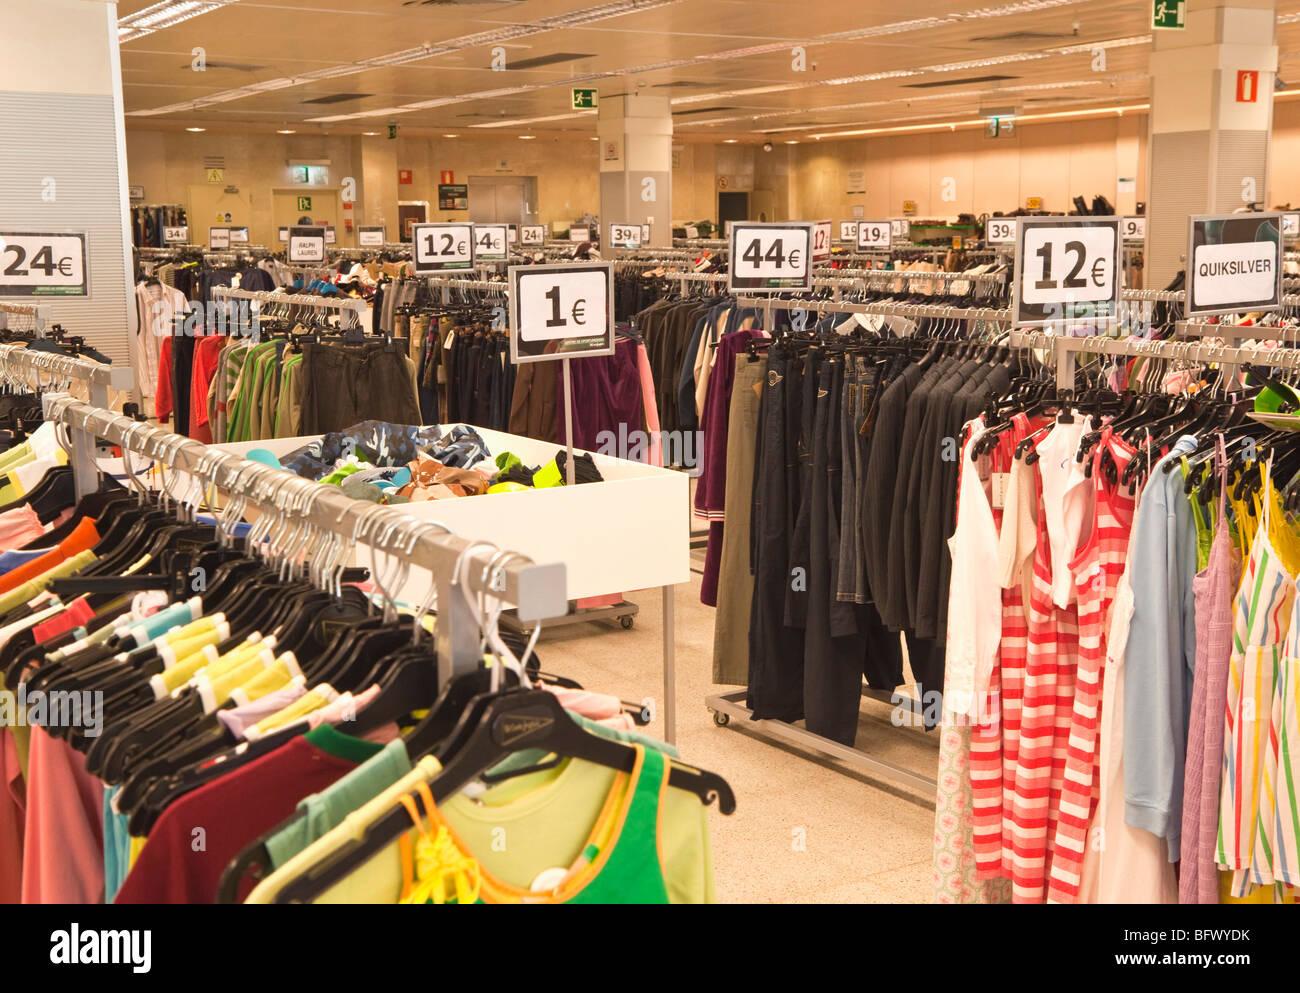 09dc5c1f4ad85f Schnäppchen-Kleidung zum Verkauf in SuperCor Auslass des El Corte Ingles